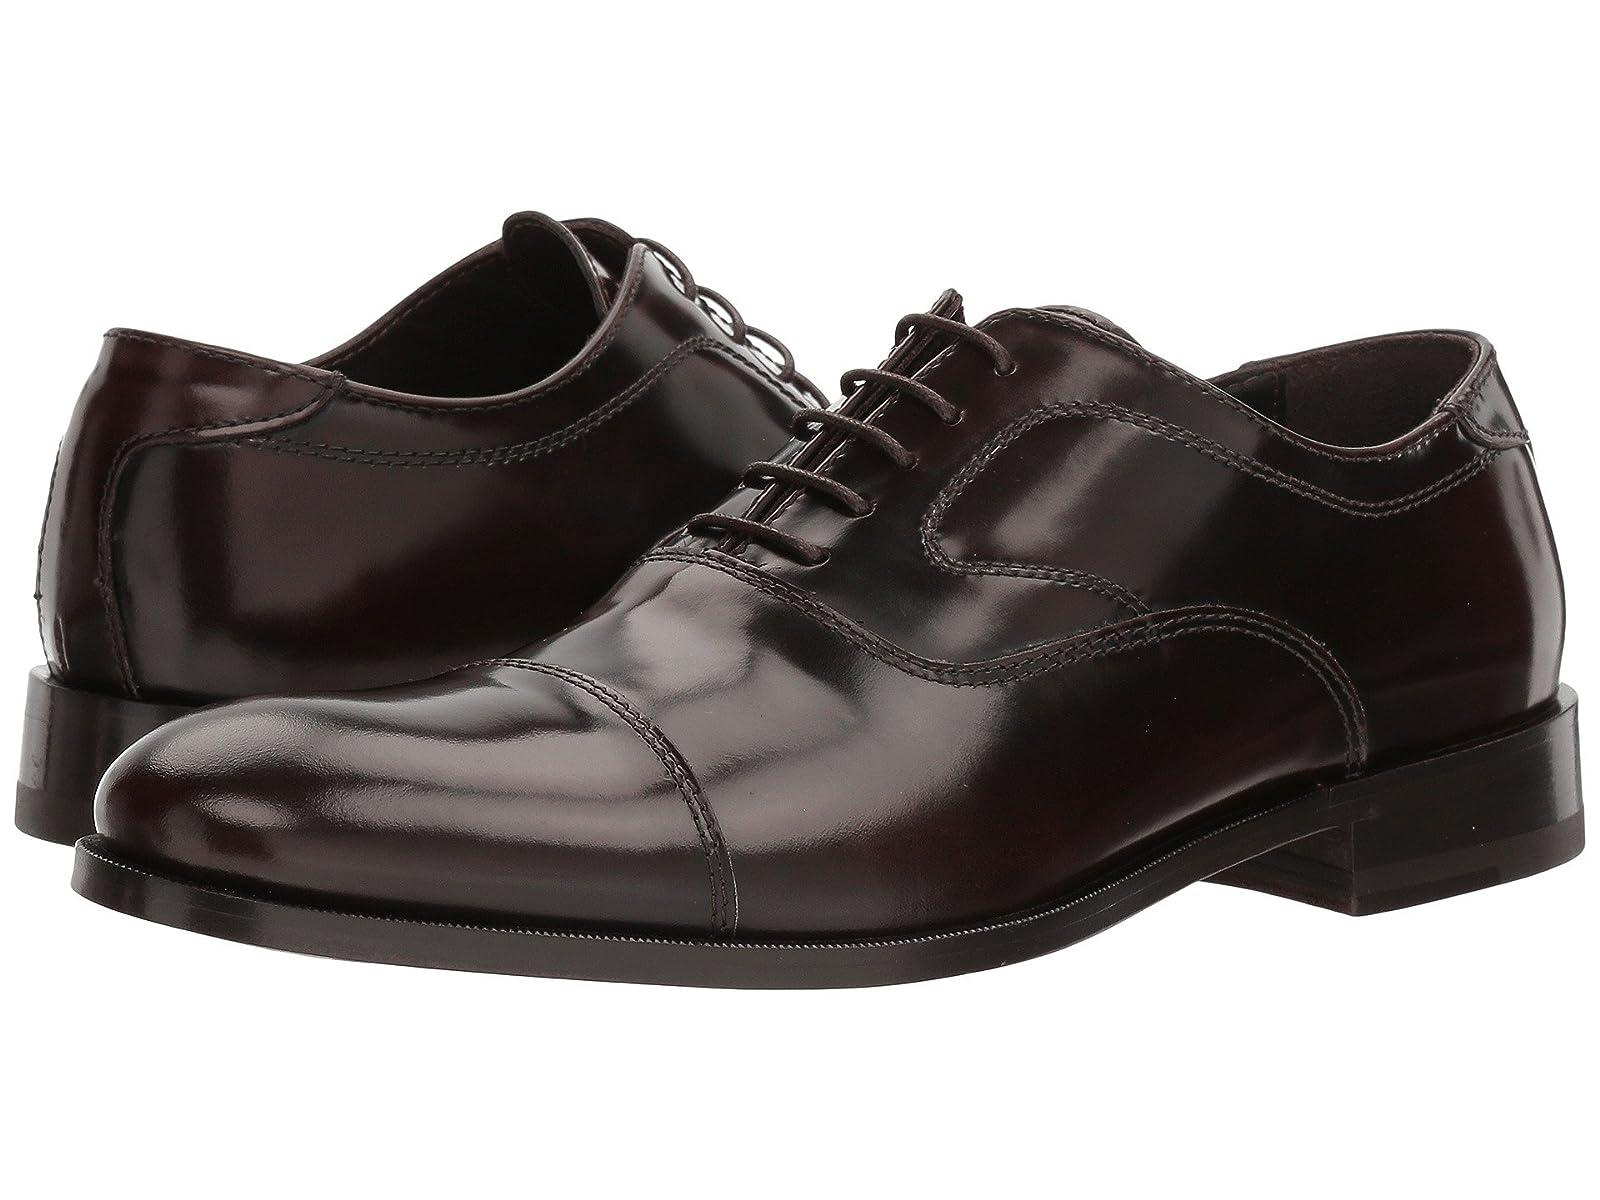 BUGATCHI Garda DerbyAtmospheric grades have affordable shoes